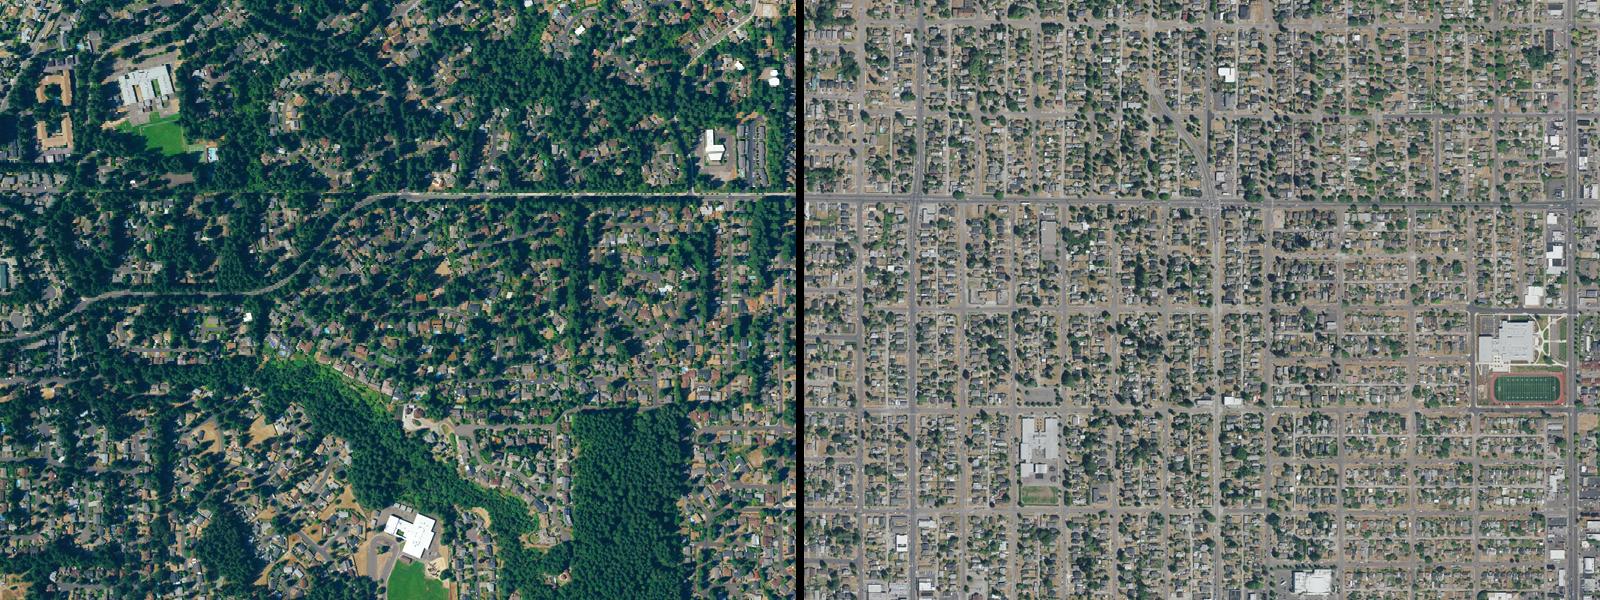 Maps of neighborhoods in Washington